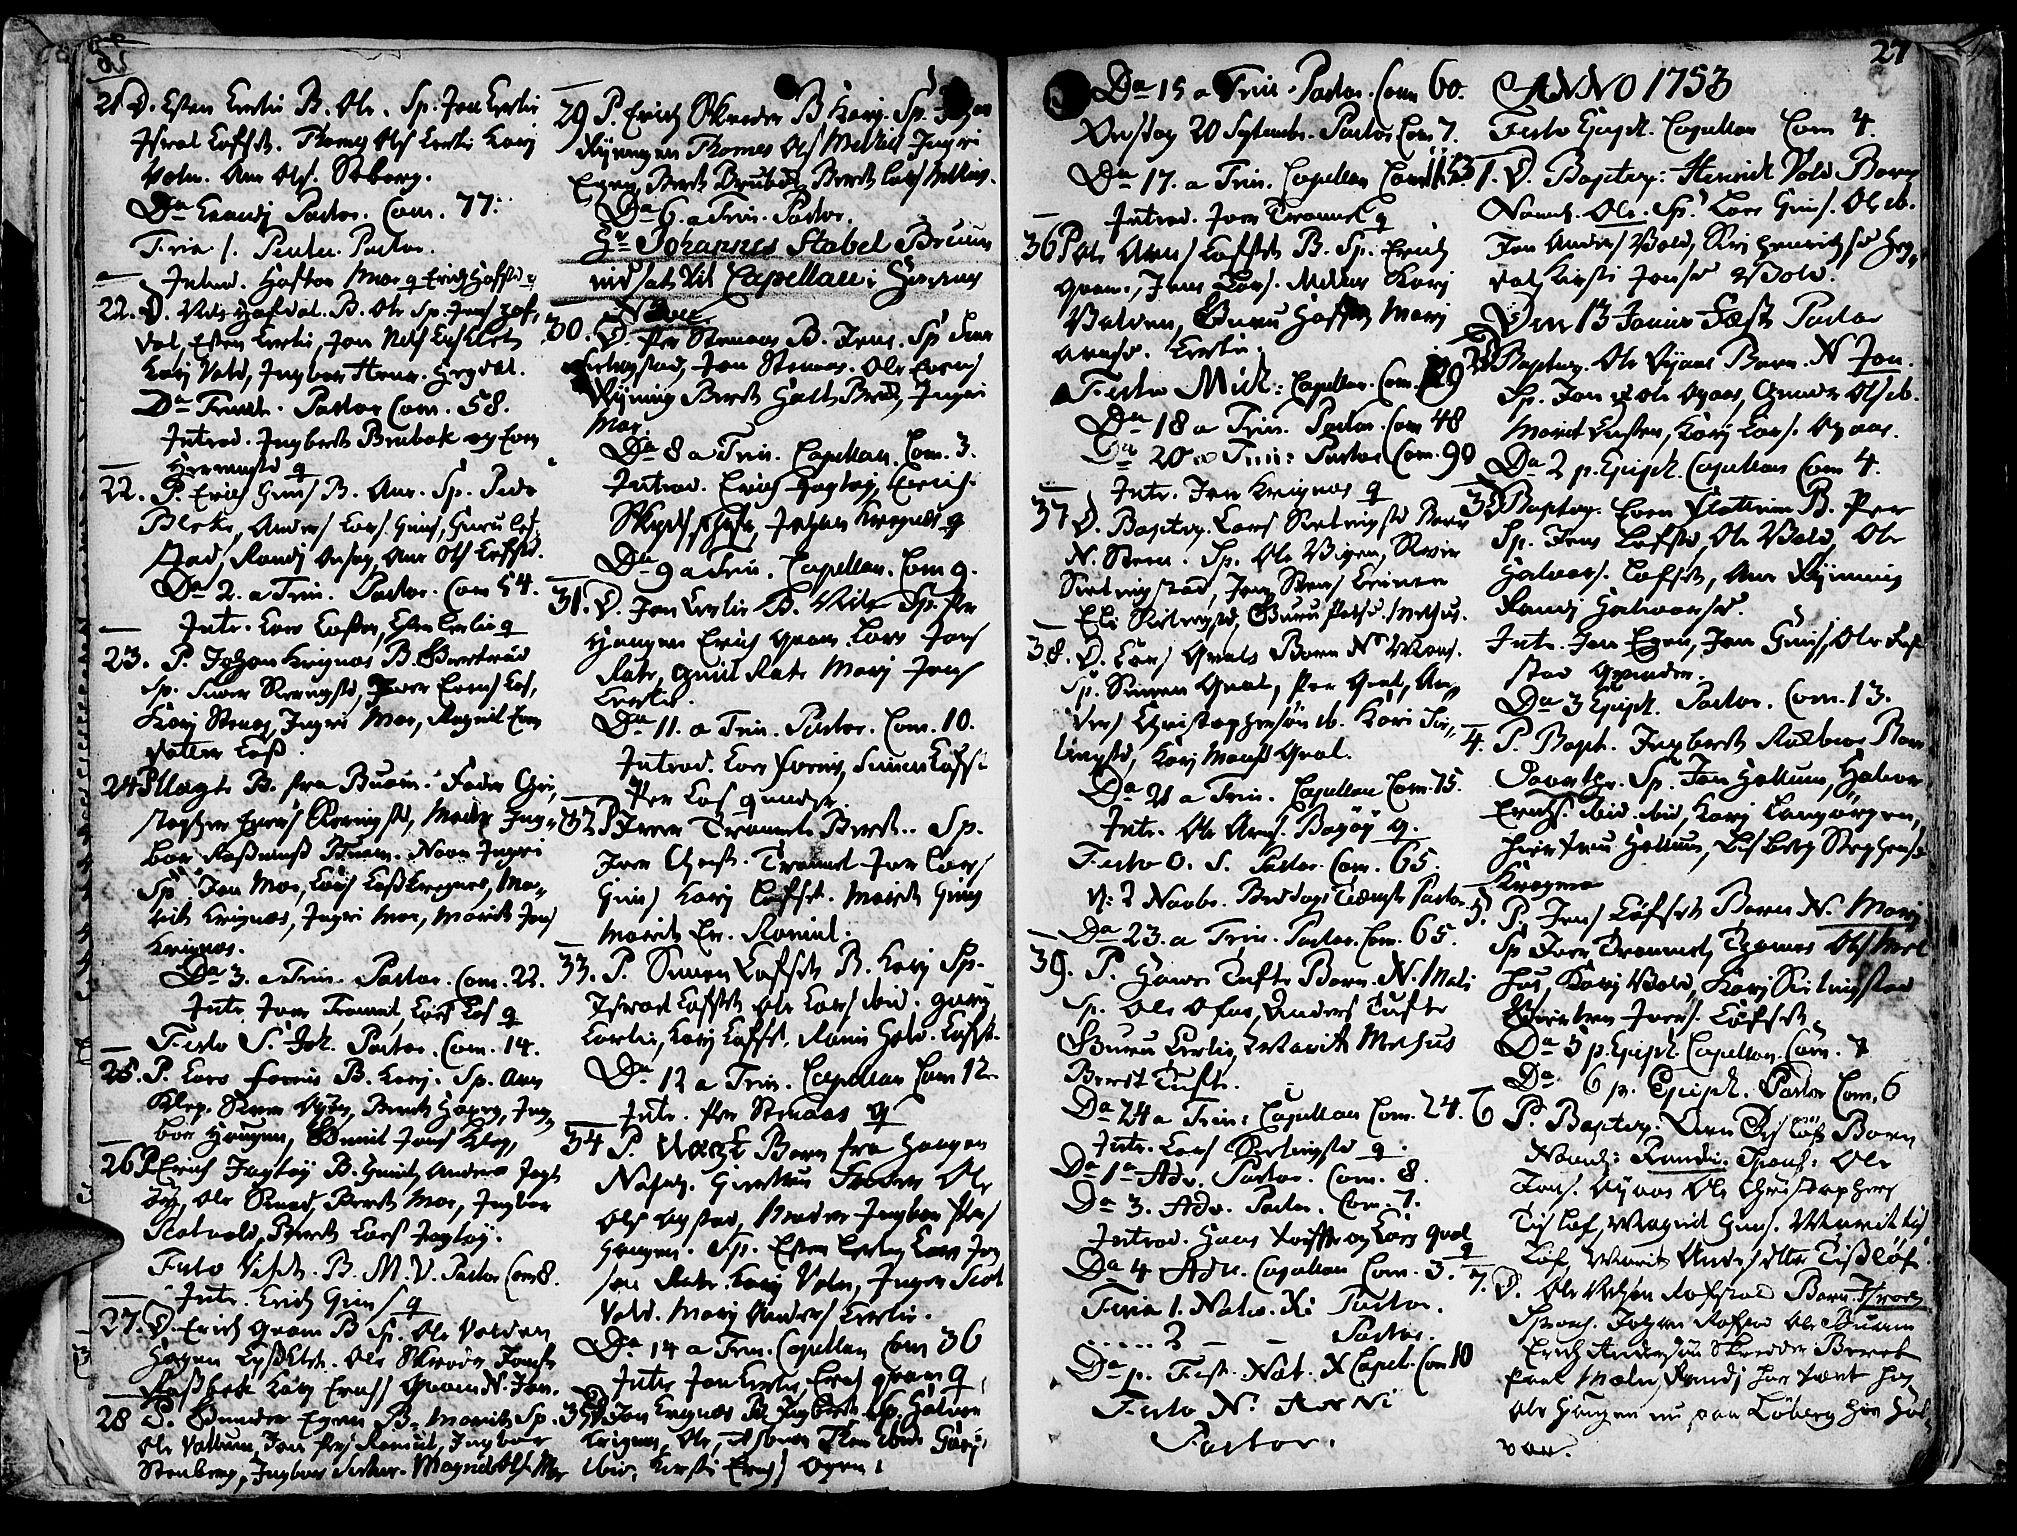 SAT, Ministerialprotokoller, klokkerbøker og fødselsregistre - Sør-Trøndelag, 691/L1057: Ministerialbok nr. 691A01 /1, 1740-1767, s. 27